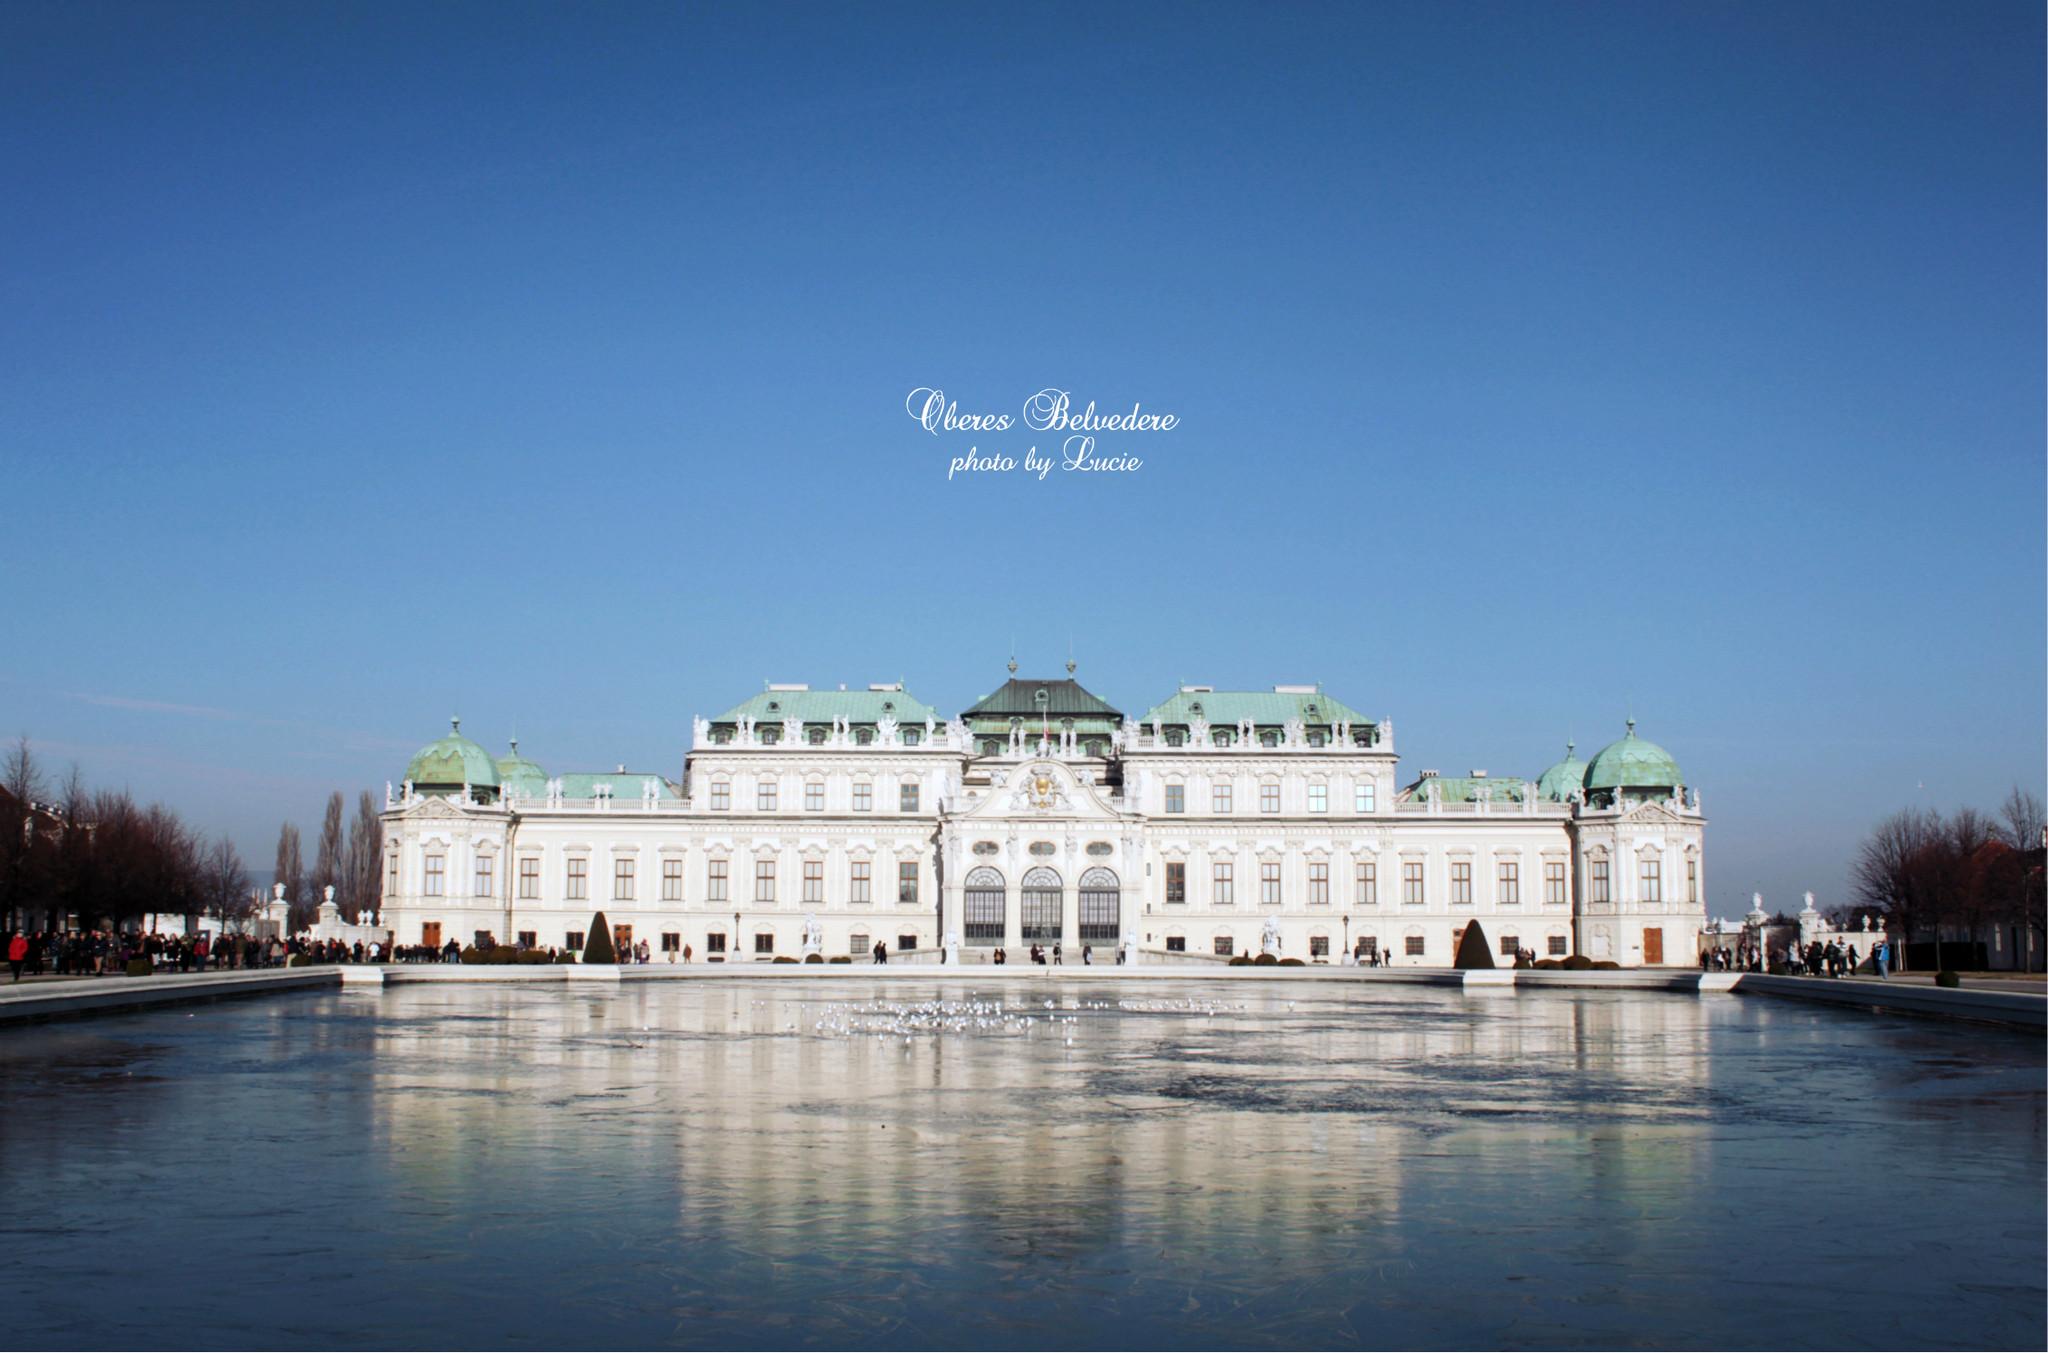 维也纳,一个集优雅建筑和浪漫音乐为一体的城市